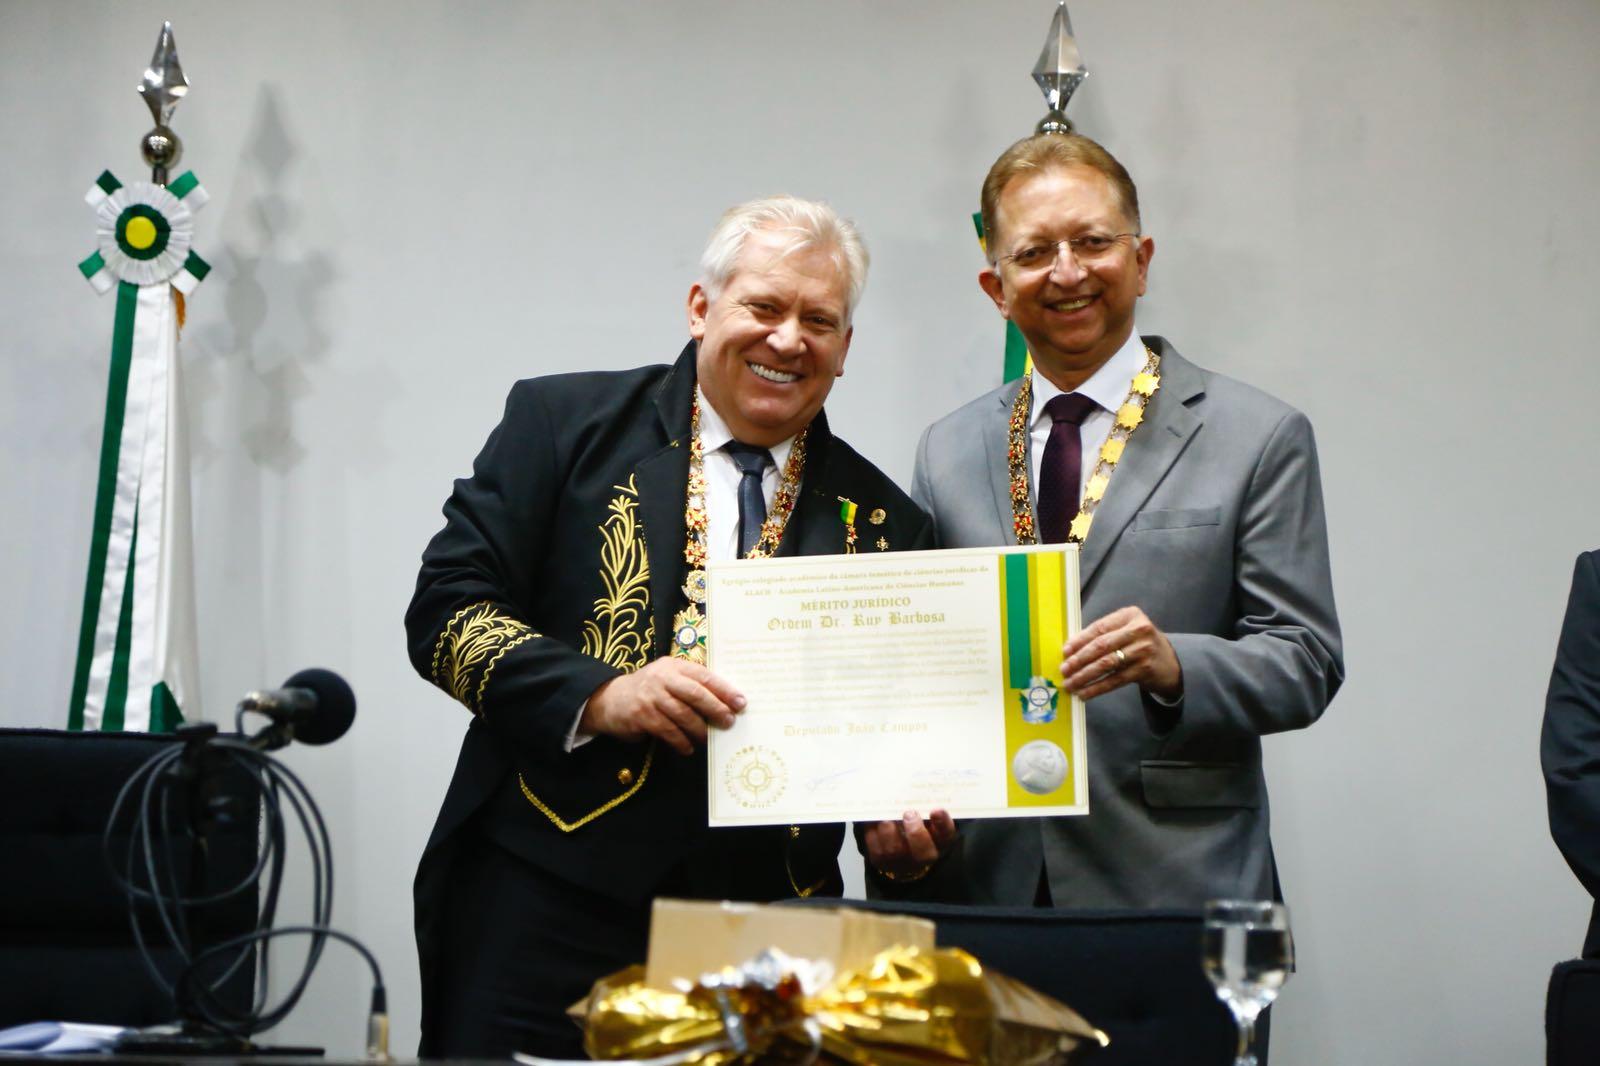 João Campos recebe Mérito Jurídico Doutor Ruy Barbosa